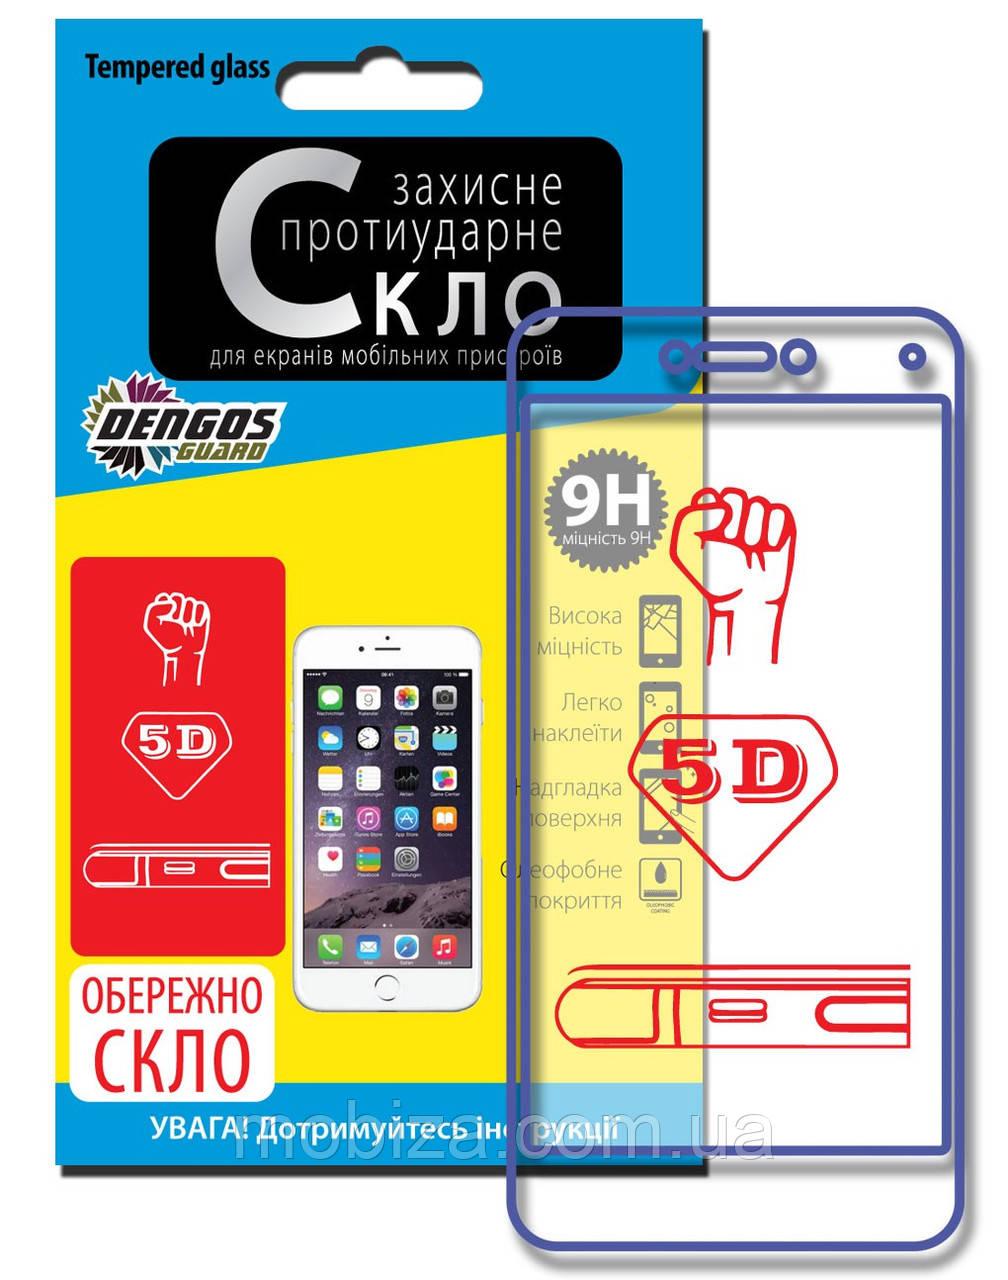 """Захисне скло (TEMPERED GLASS) для екрану іРhone 7 (4,7""""), 5D, (white)"""